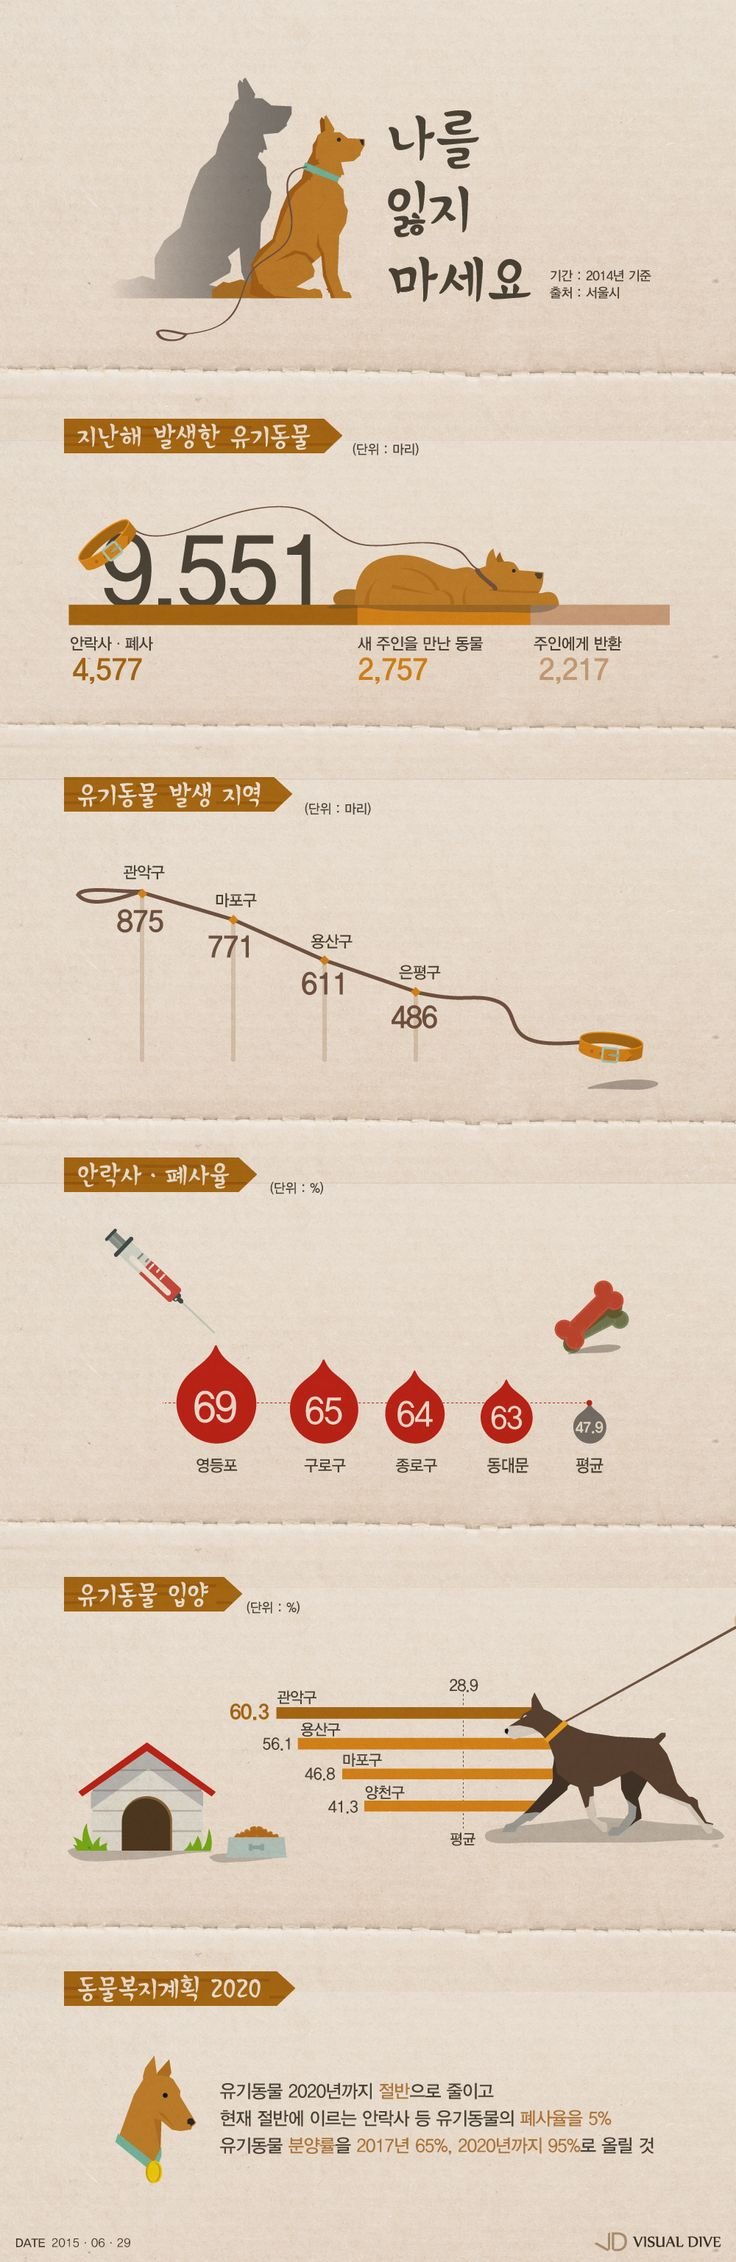 서울시 유기동물 10마리 중 4마리 '안락사, 폐사' [인포그래픽] #Euthanasia / #Infographic ⓒ 비주얼다이브 무단 복사·전재·재배포 금지